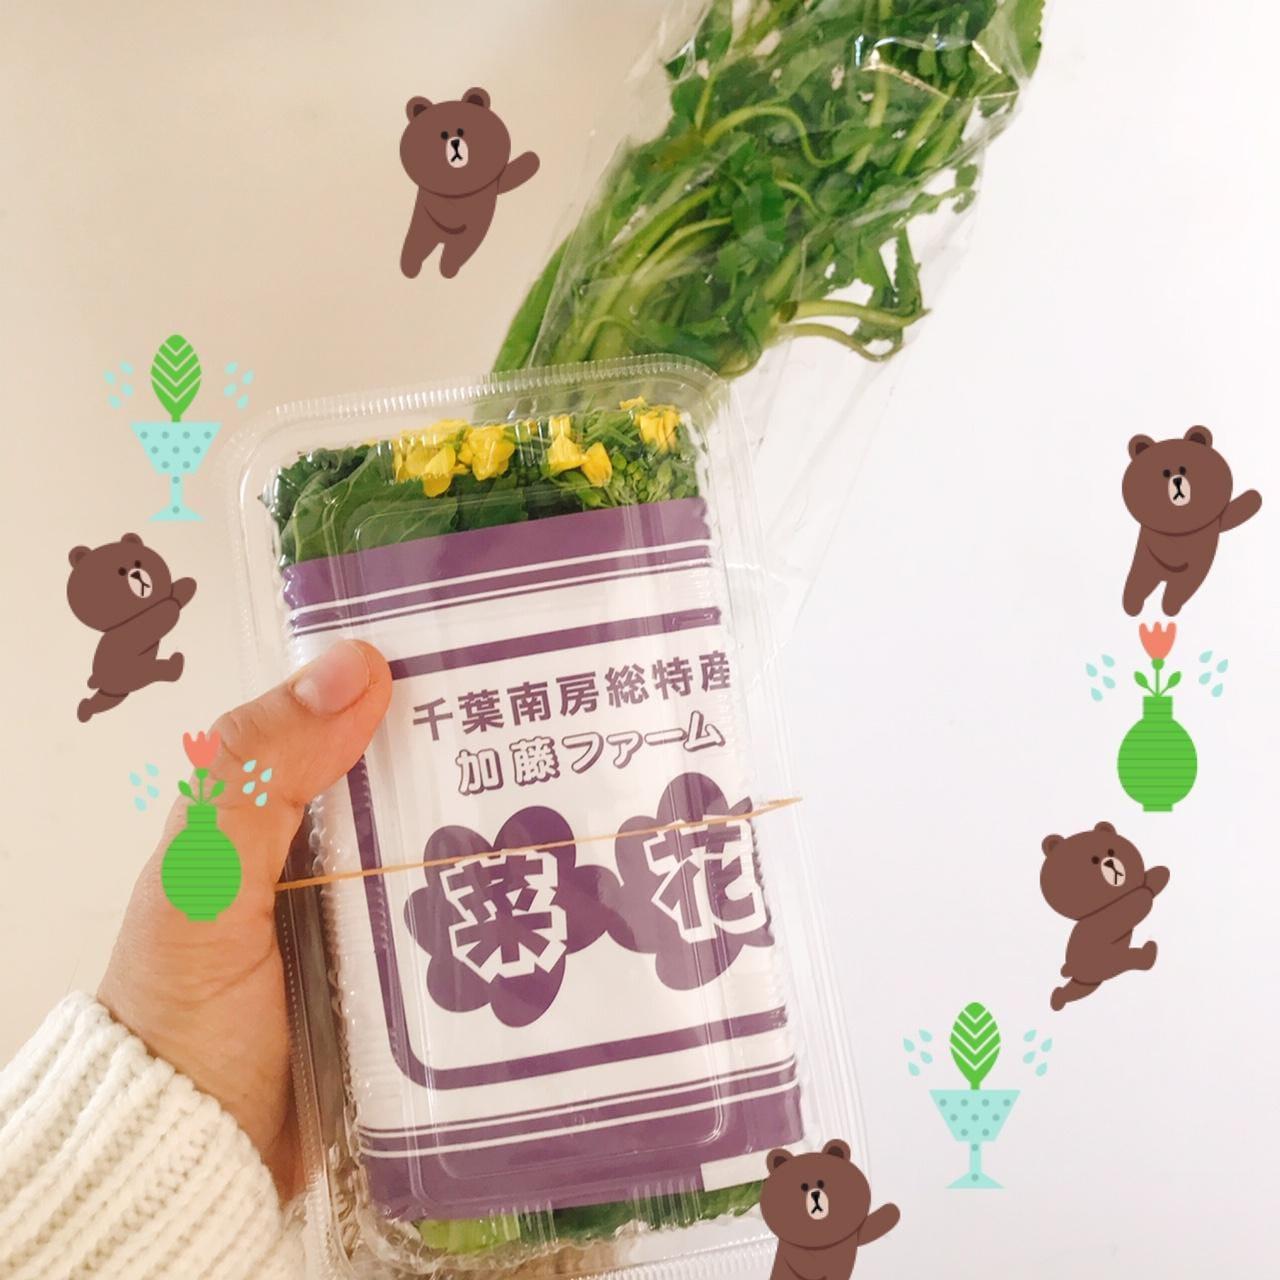 岡崎なつみ「春の訪れを感じました」01/23(水) 00:52 | 岡崎なつみの写メ・風俗動画